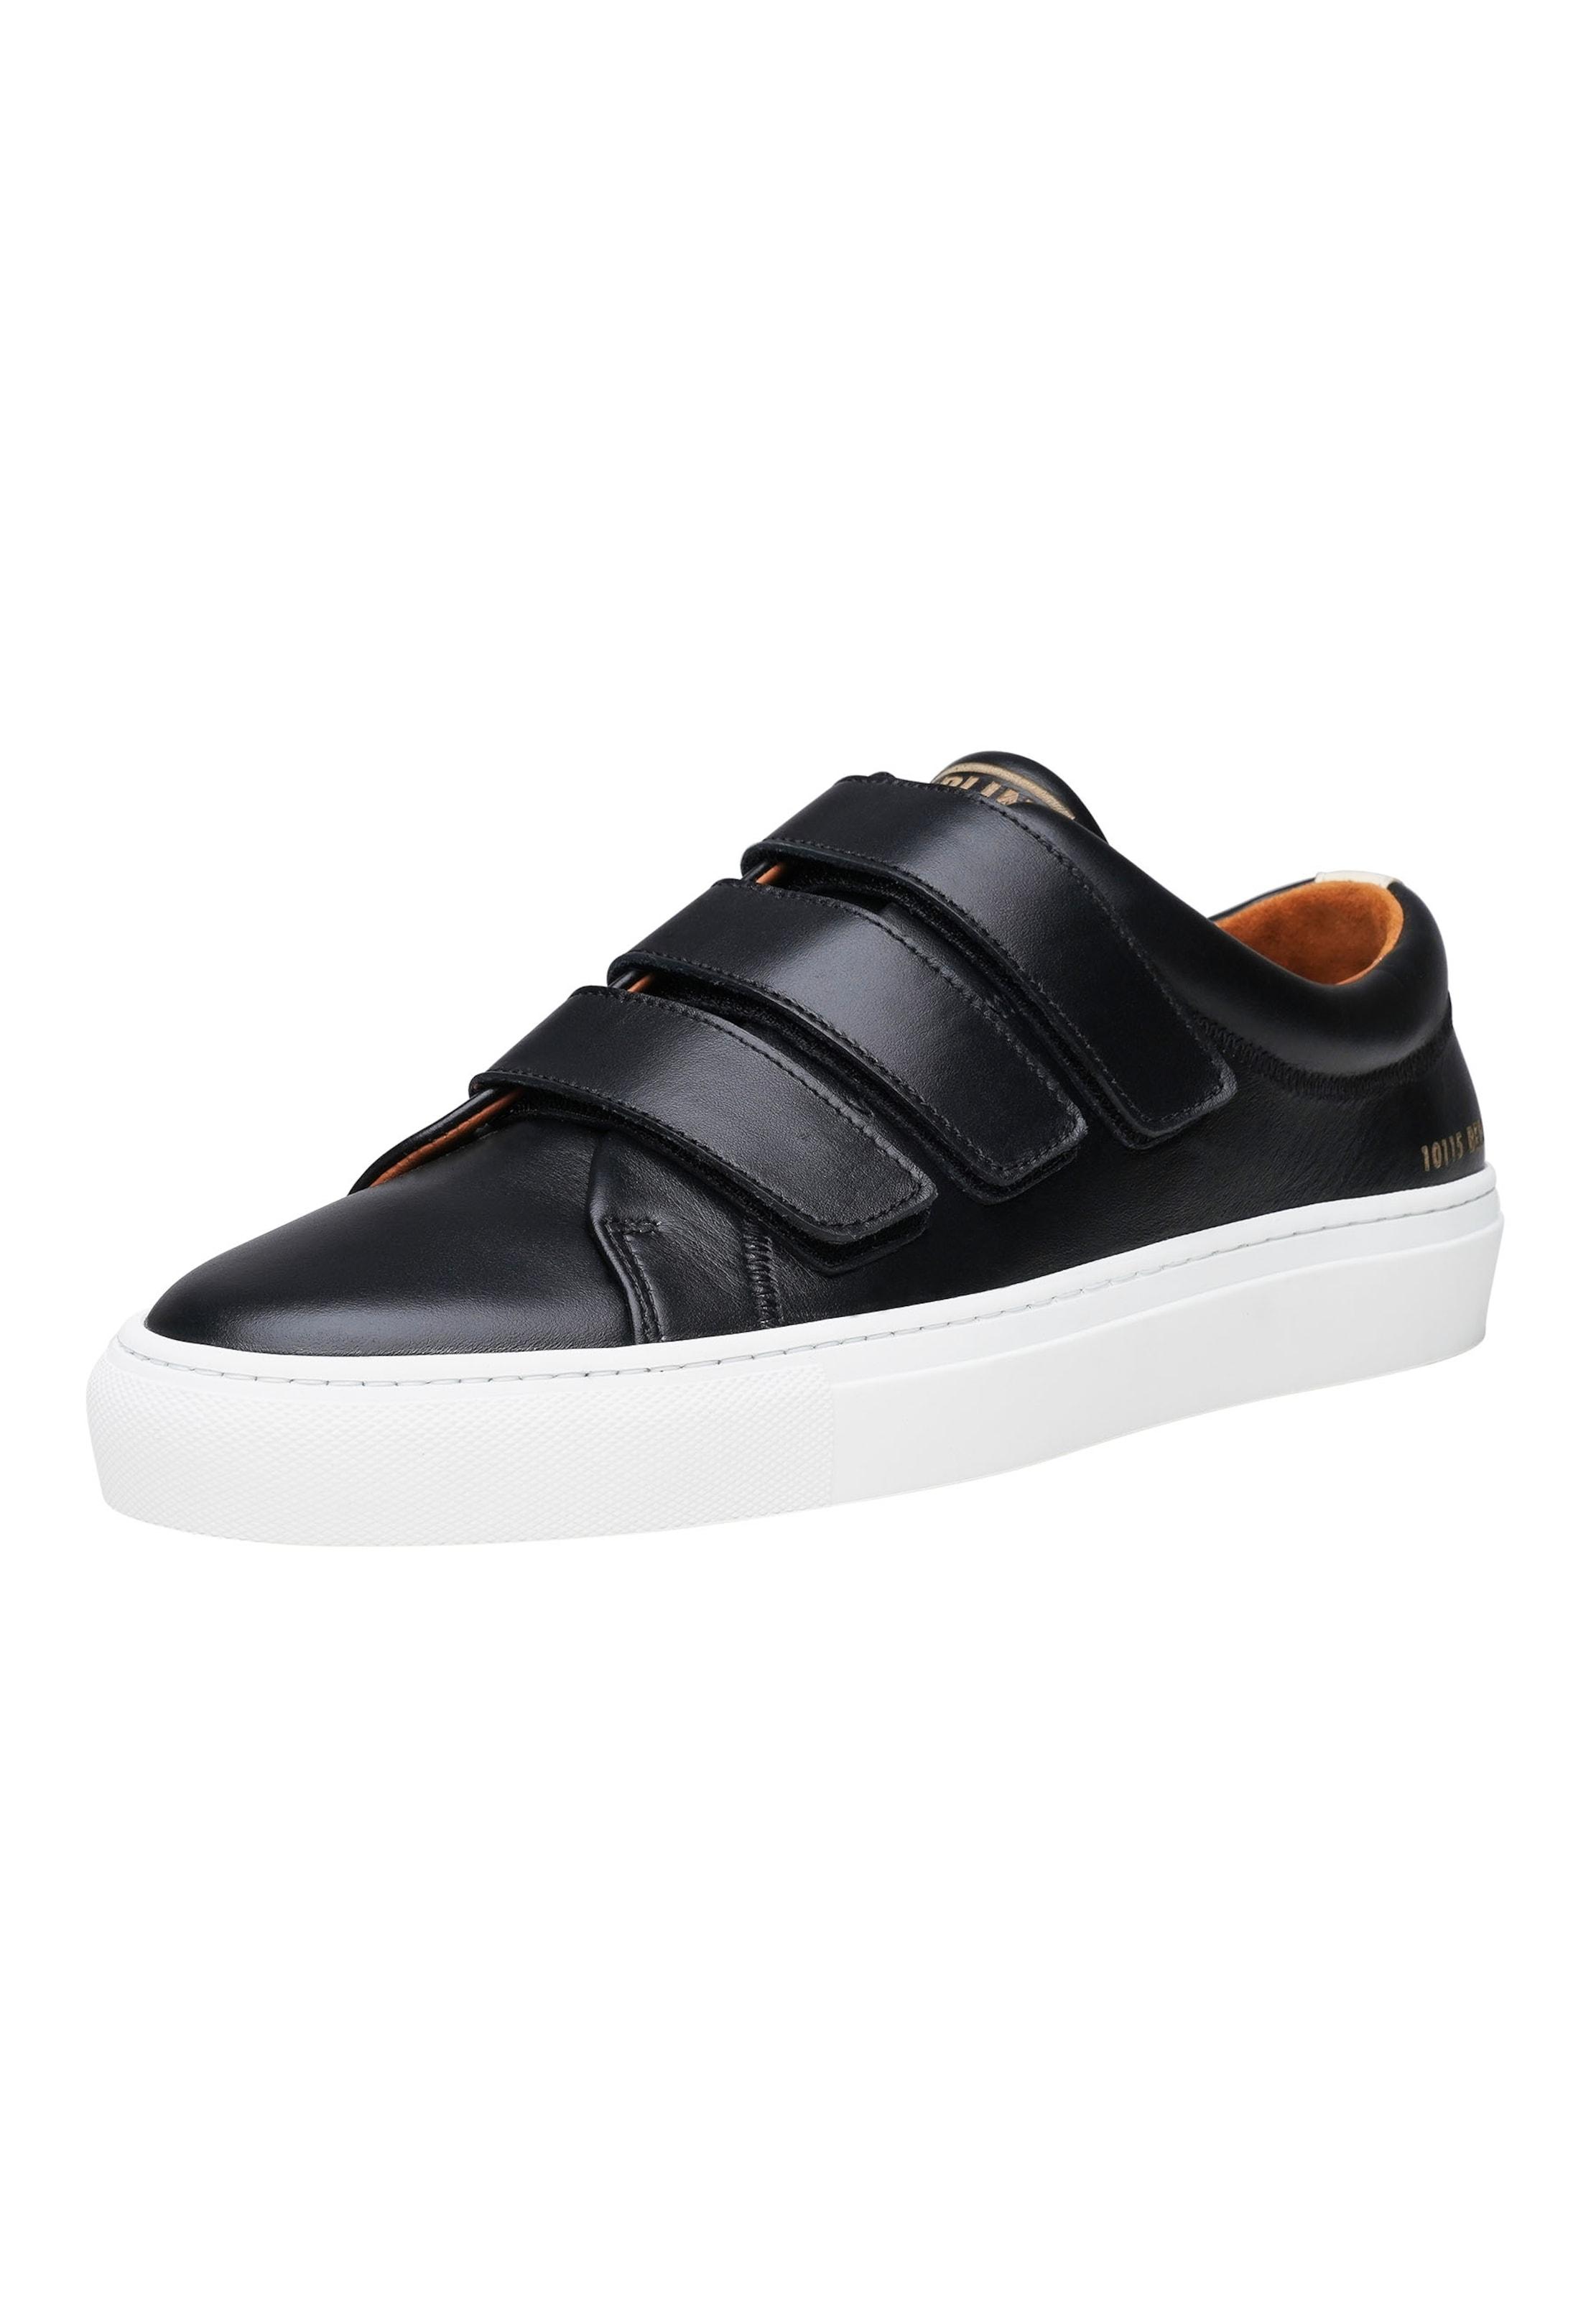 'no71 Schwarz In Sneaker Ms' Shoepassion ZTPkiuOX